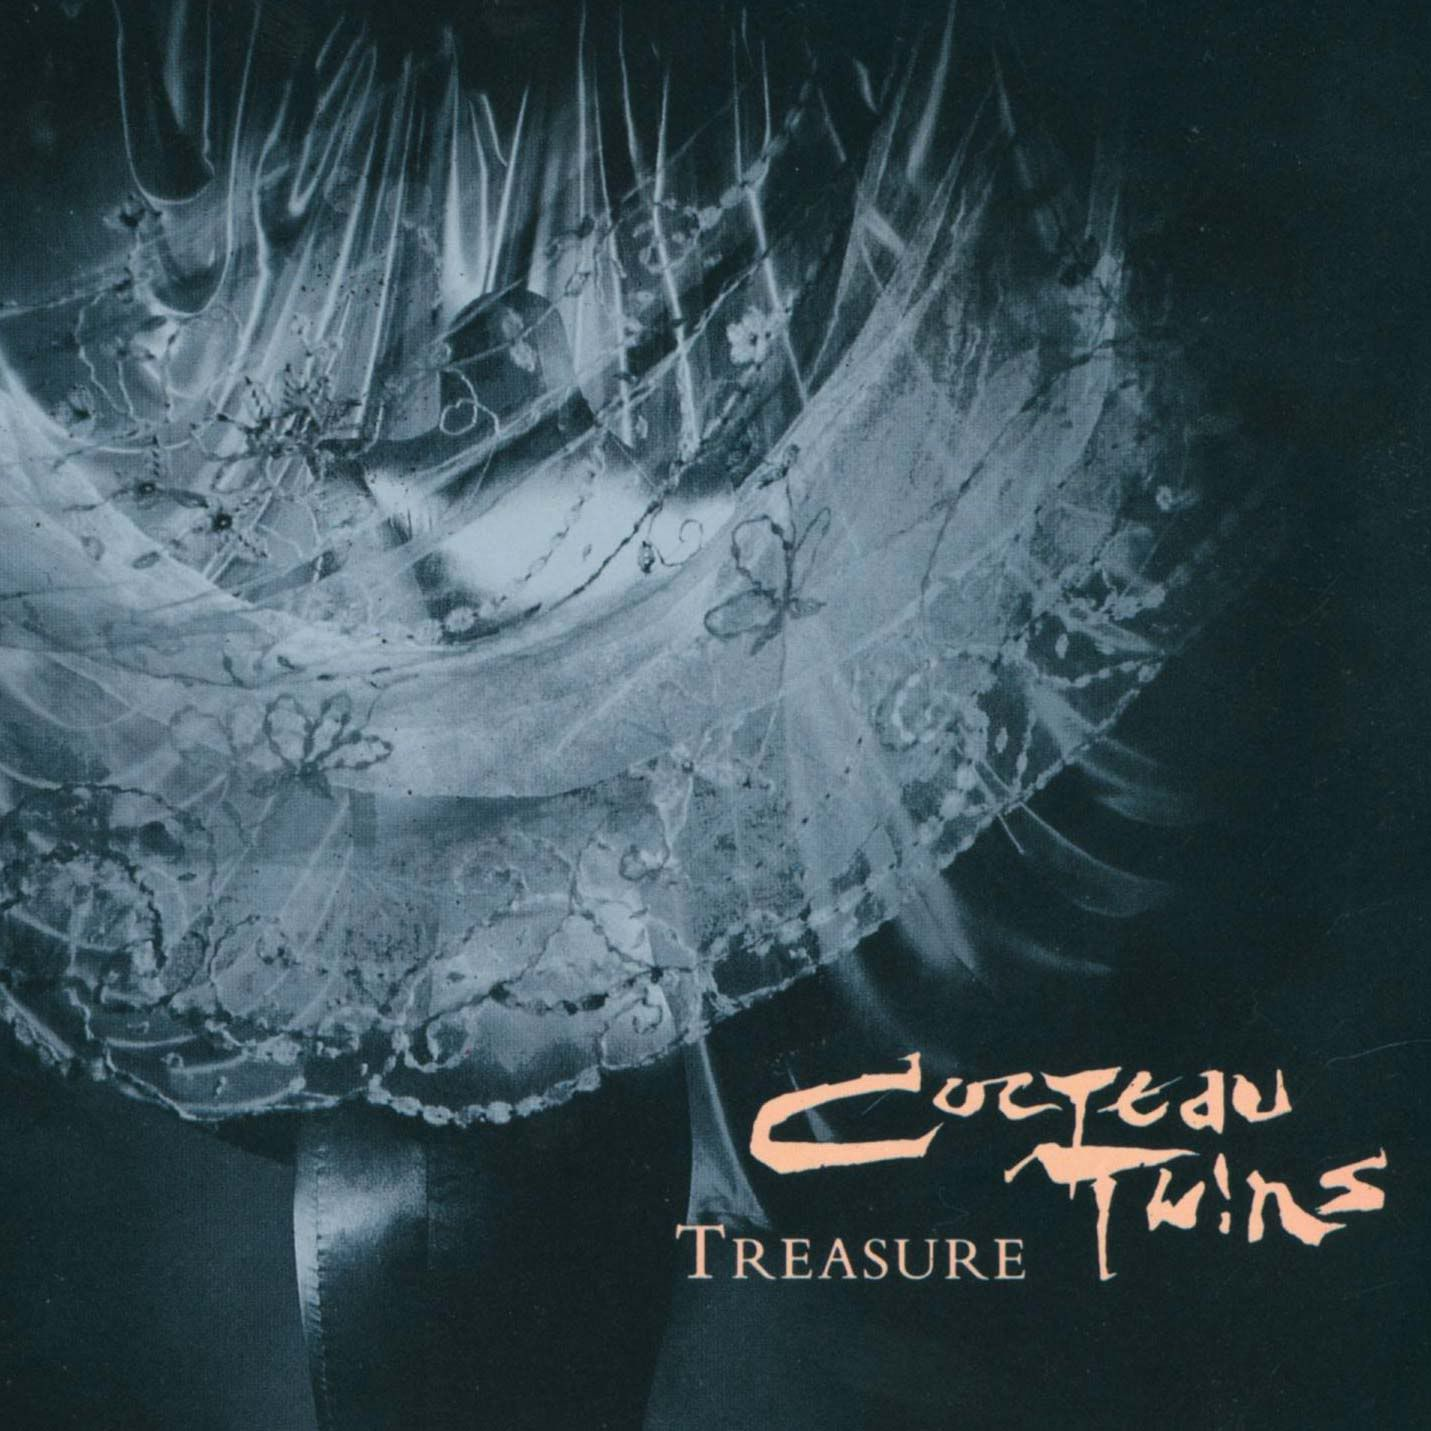 """Résultat de recherche d'images pour """"treasure cocteau twins"""""""